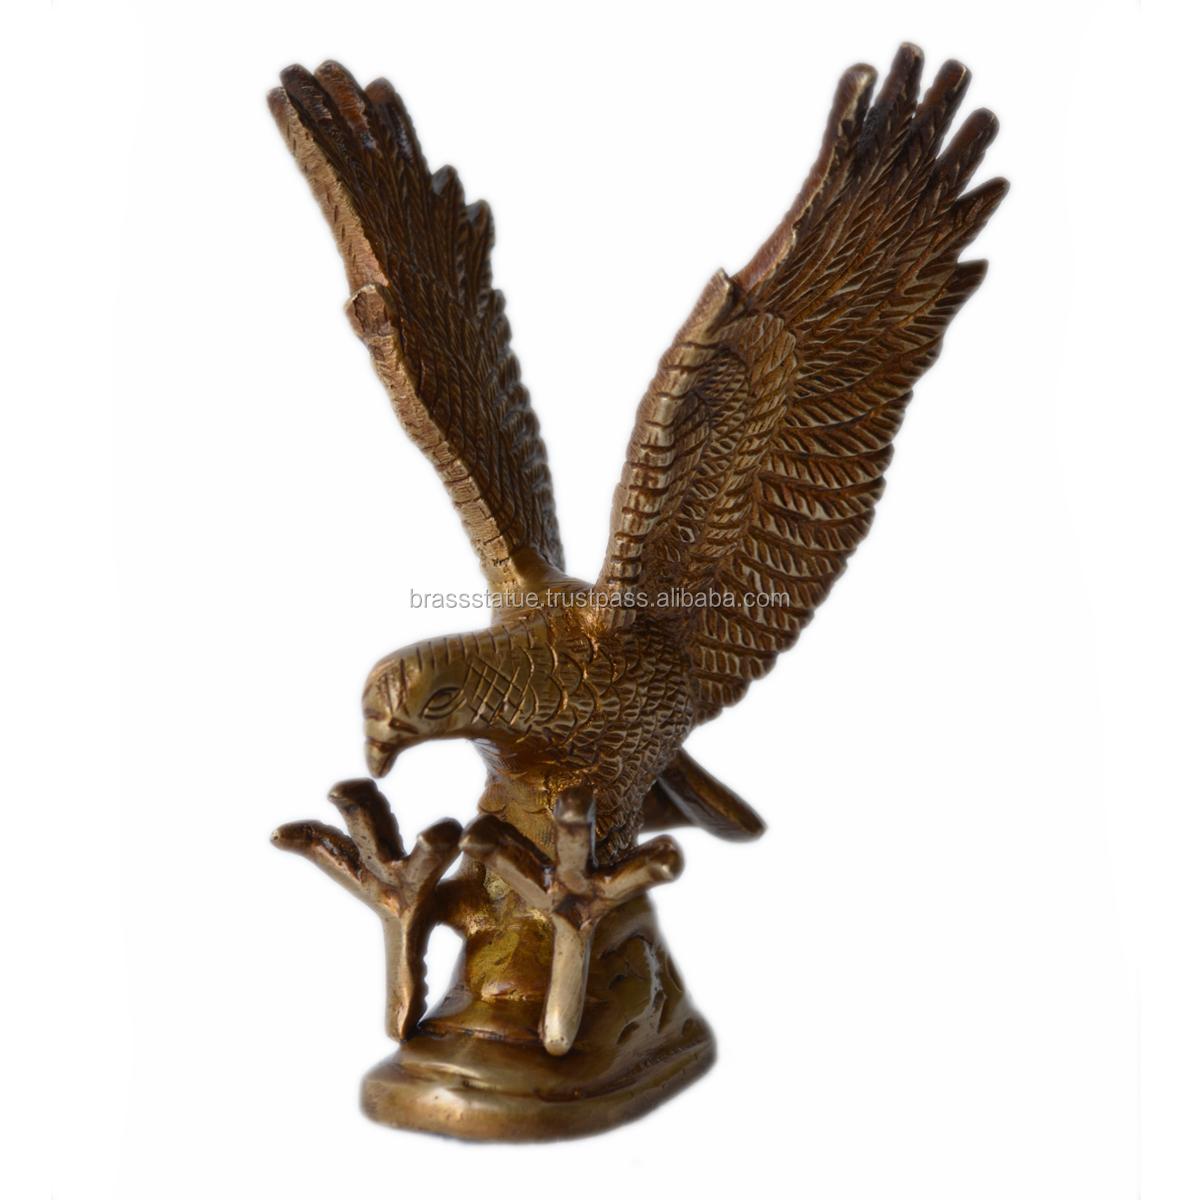 Messing-Skulptur - antiker Stil - dekoratives Prunkstück - Geschenk - Metallhandwerk - indische Statue